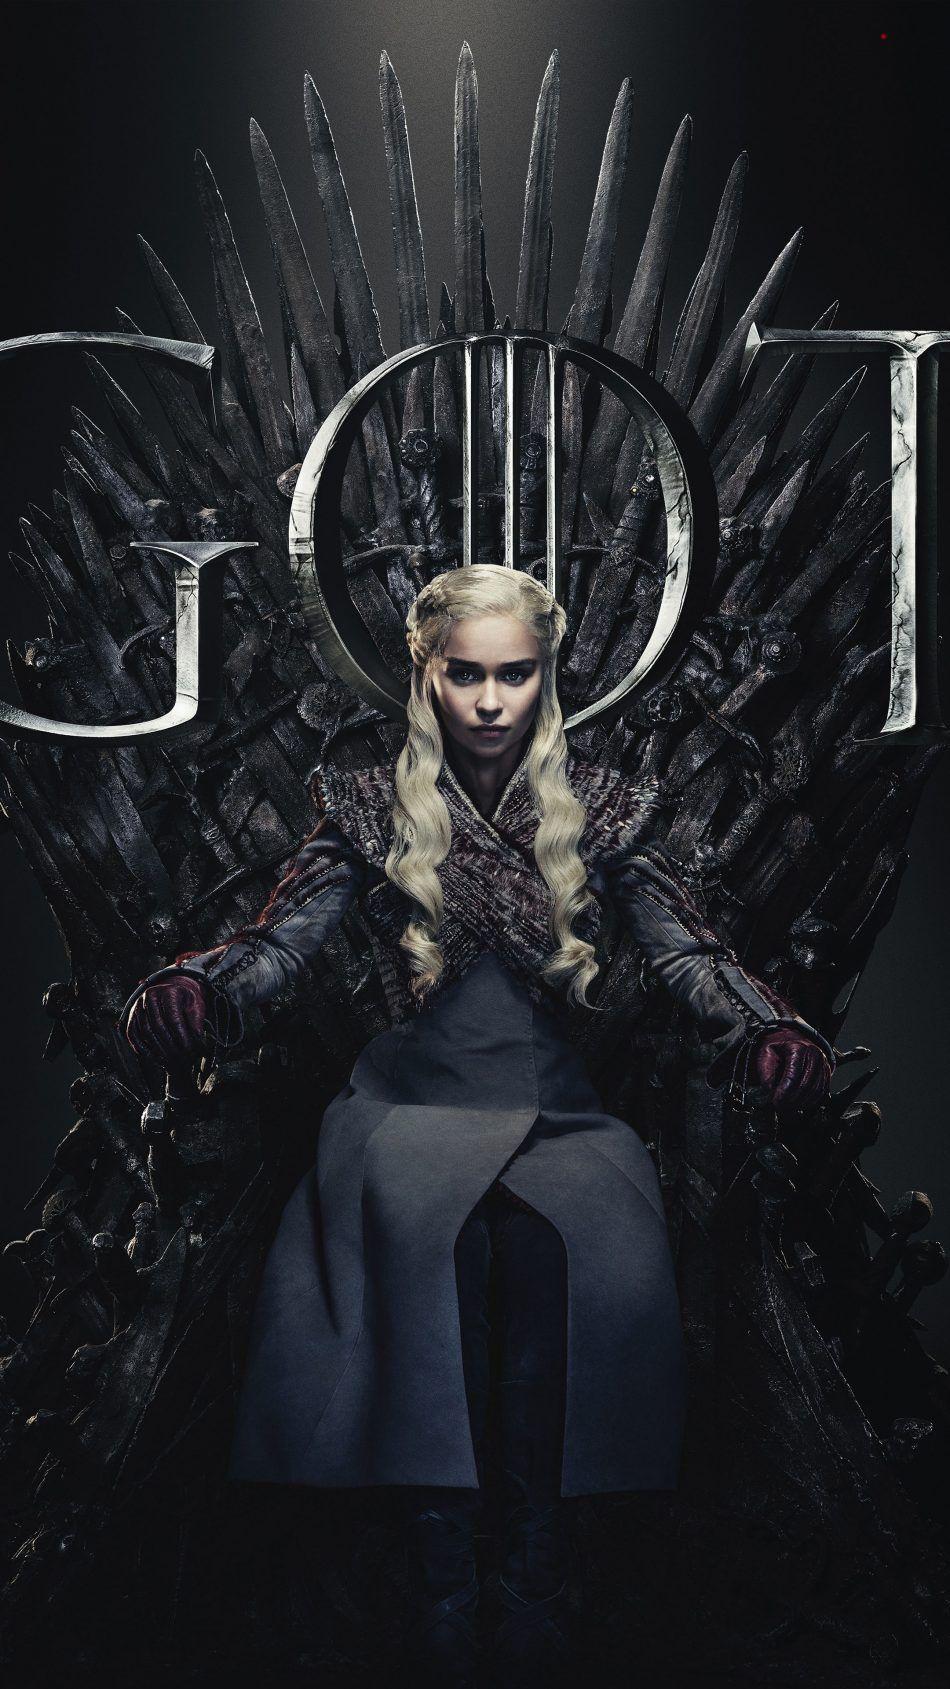 Daenerys Targaryen Game Of Thrones Season 8 Game Of Thrones Poster De Game Of Thrones Capas Para Twitter